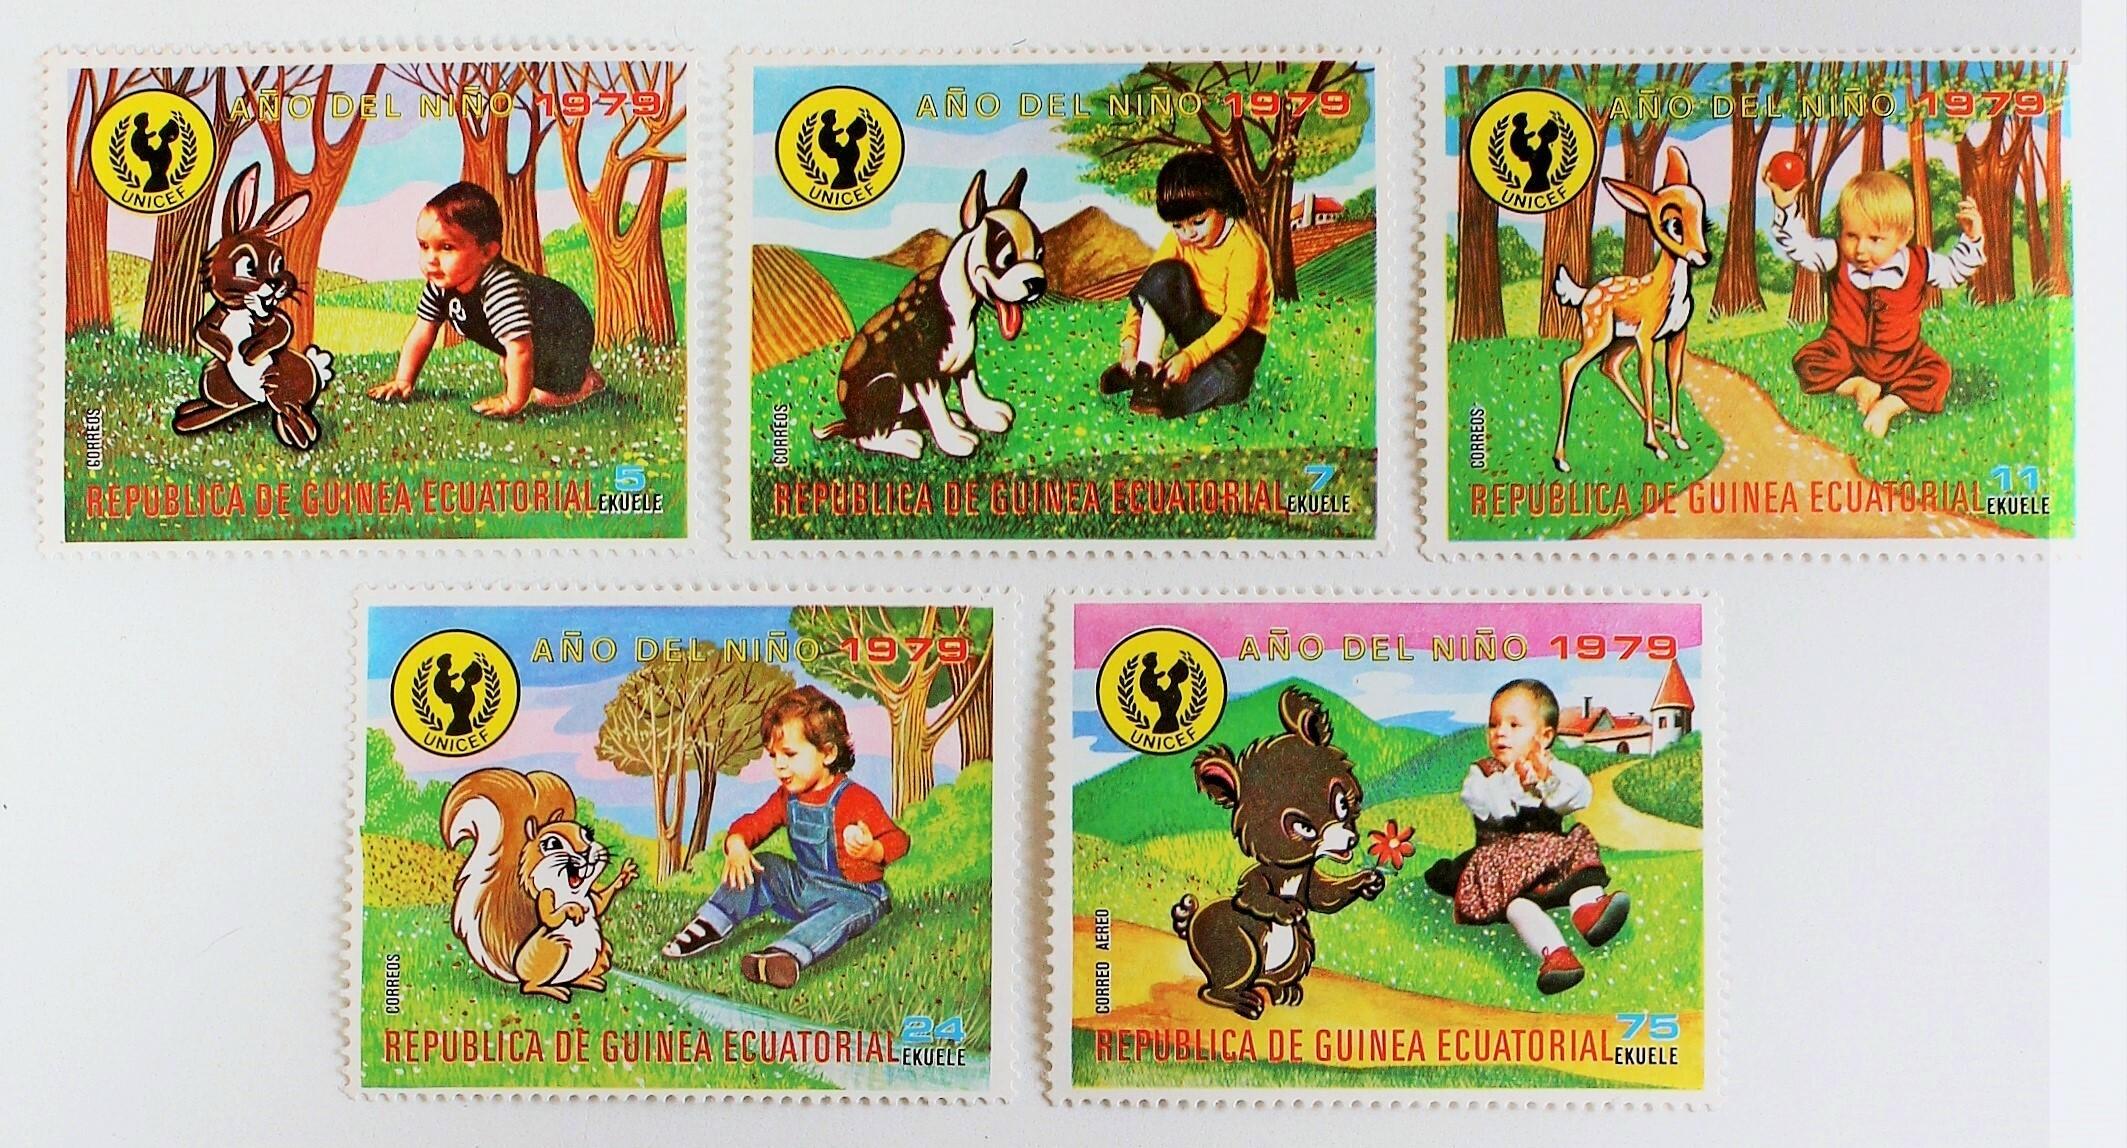 国際児童年 / 赤道ギニア 1979